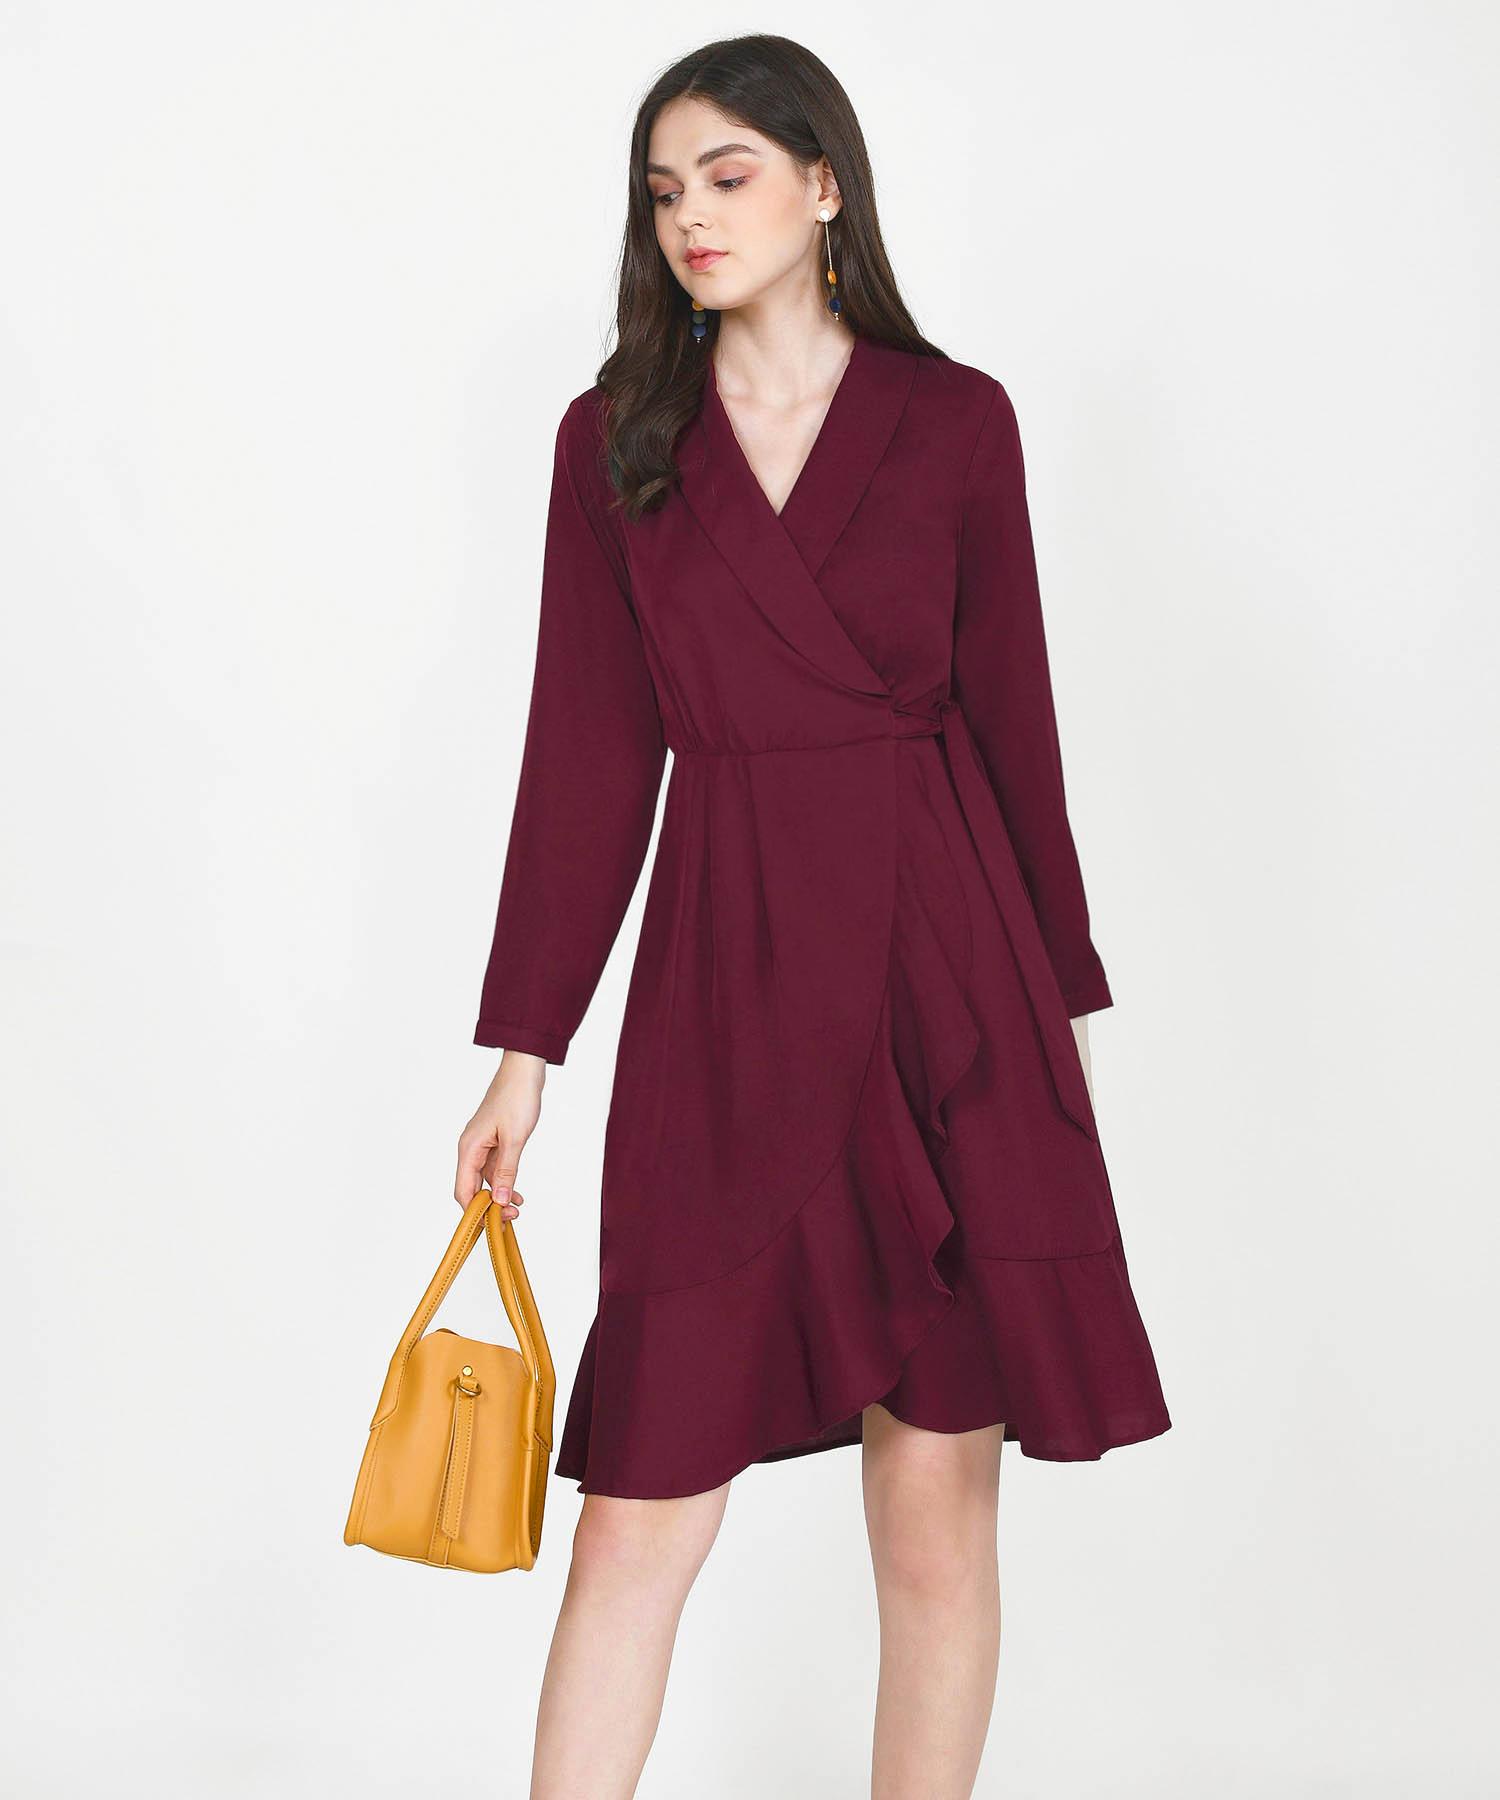 melisse-wrap-midi-dress-maroon-1